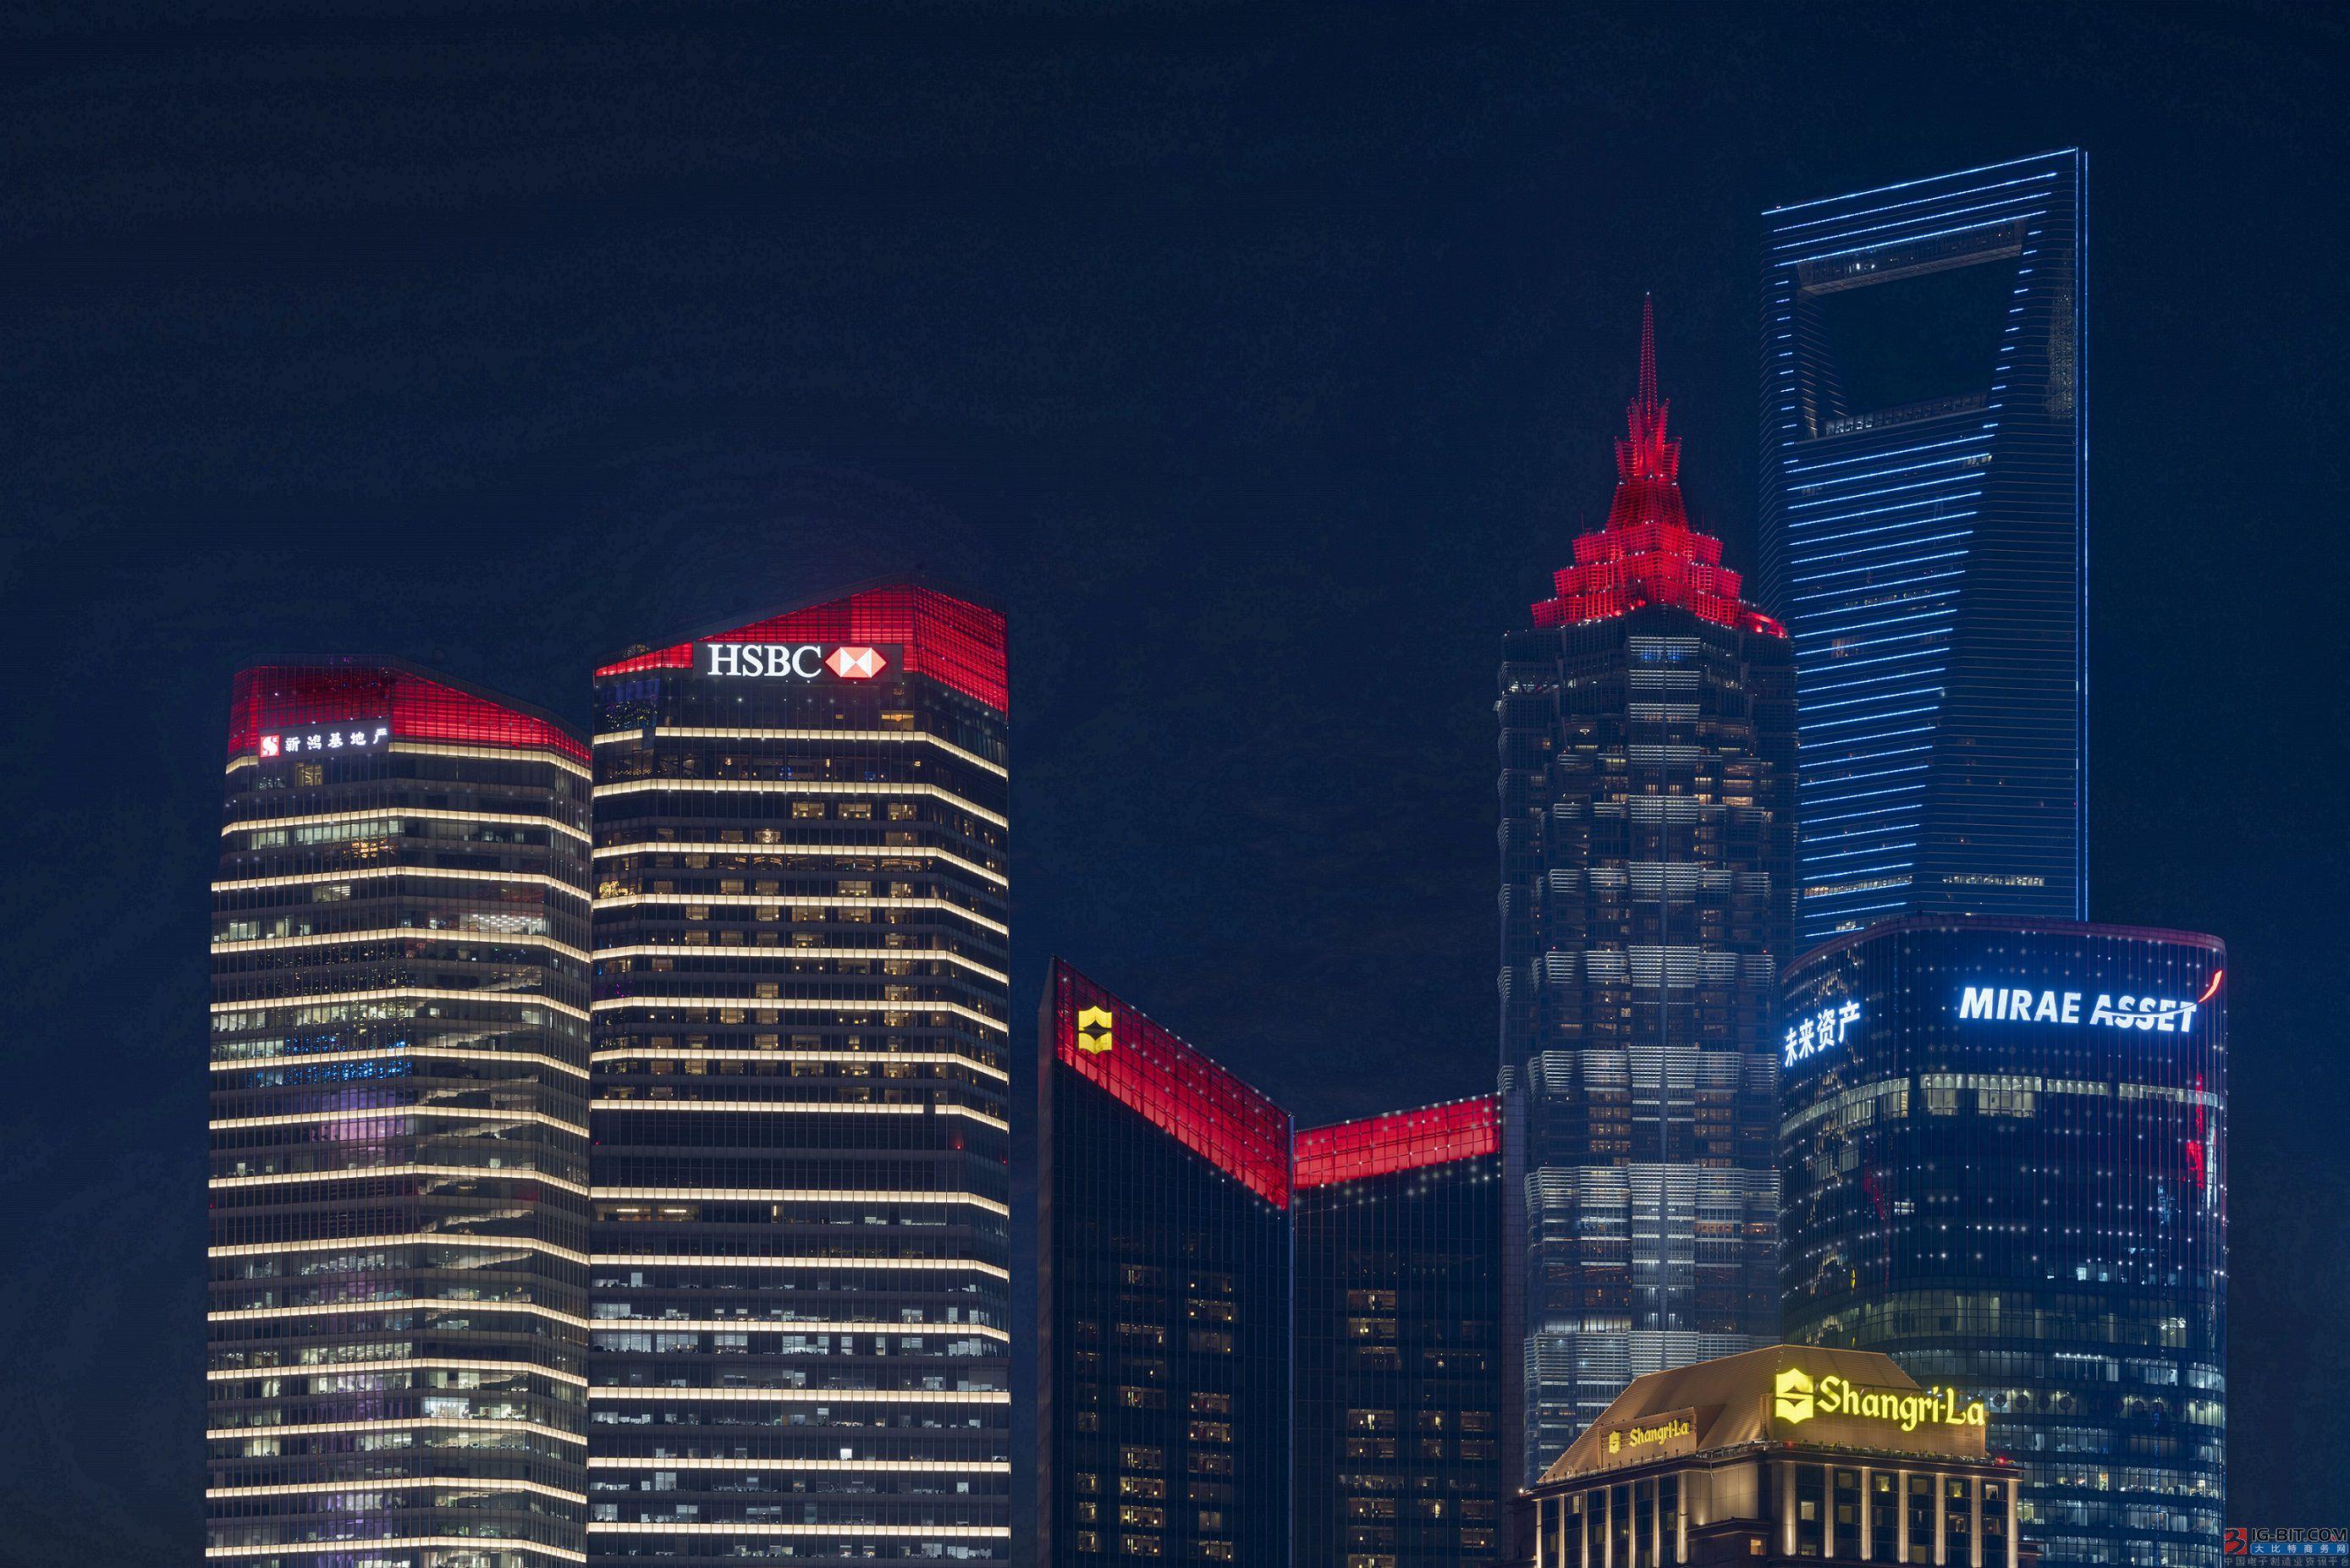 昕诺飞助力浦东滨江景观照明改造,促进上海夜游经济发展